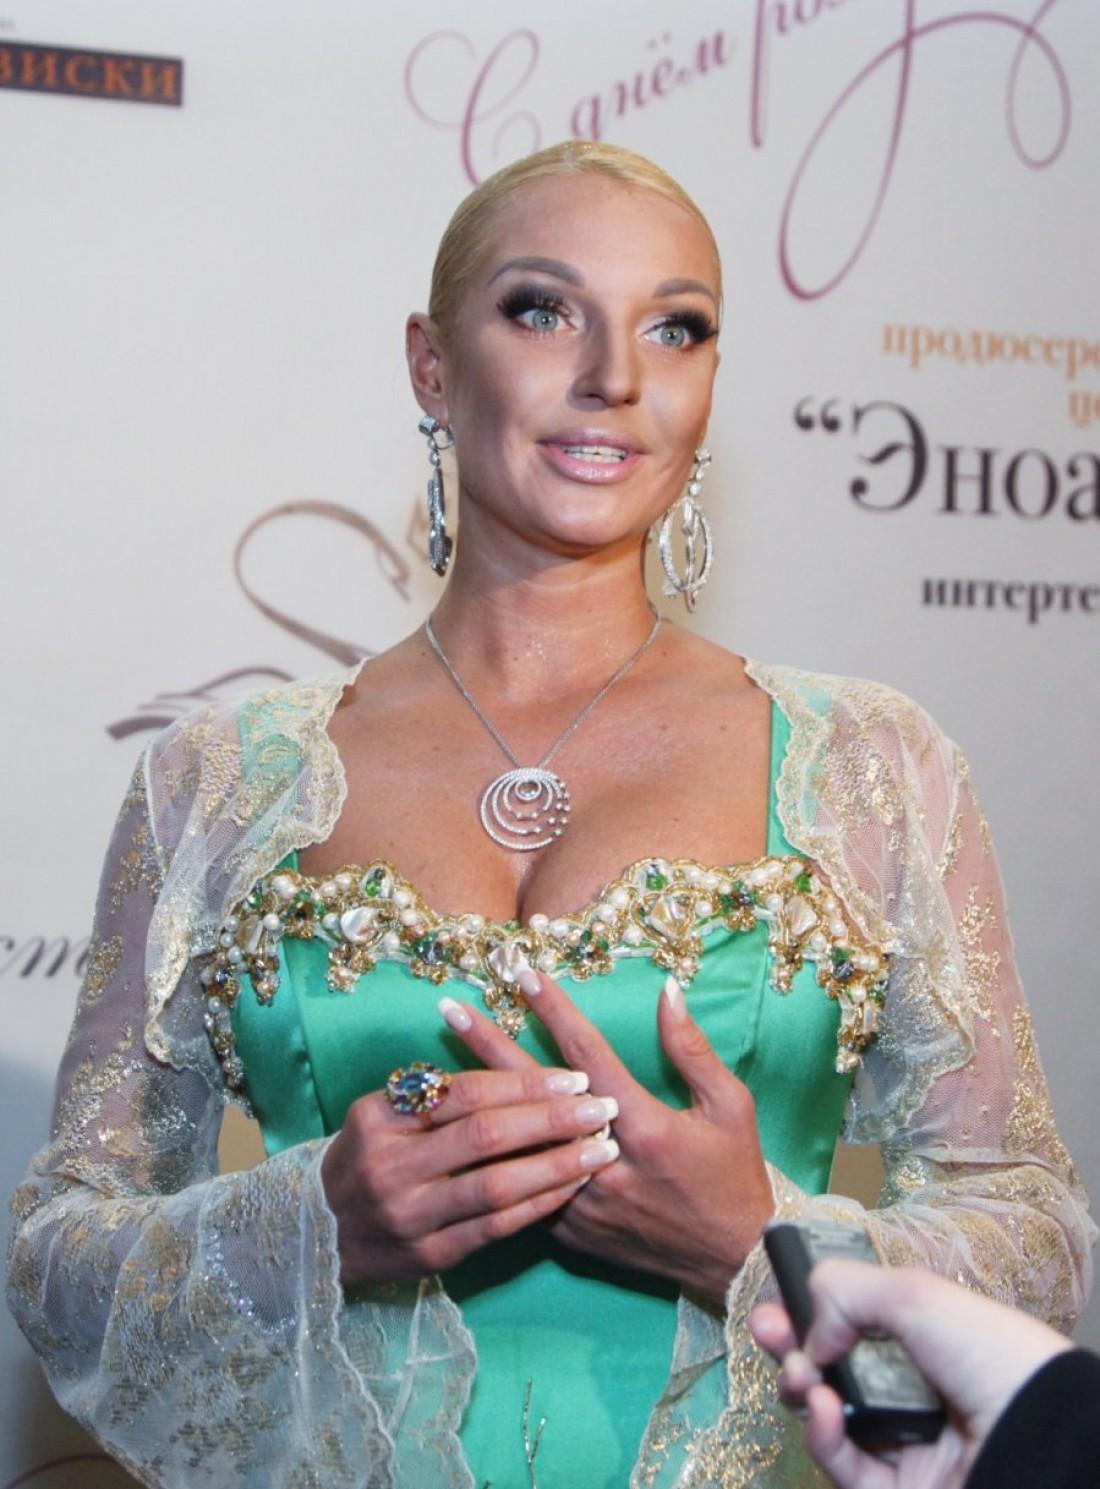 Балерина Анастасия Волочкова вновь в центре внимания